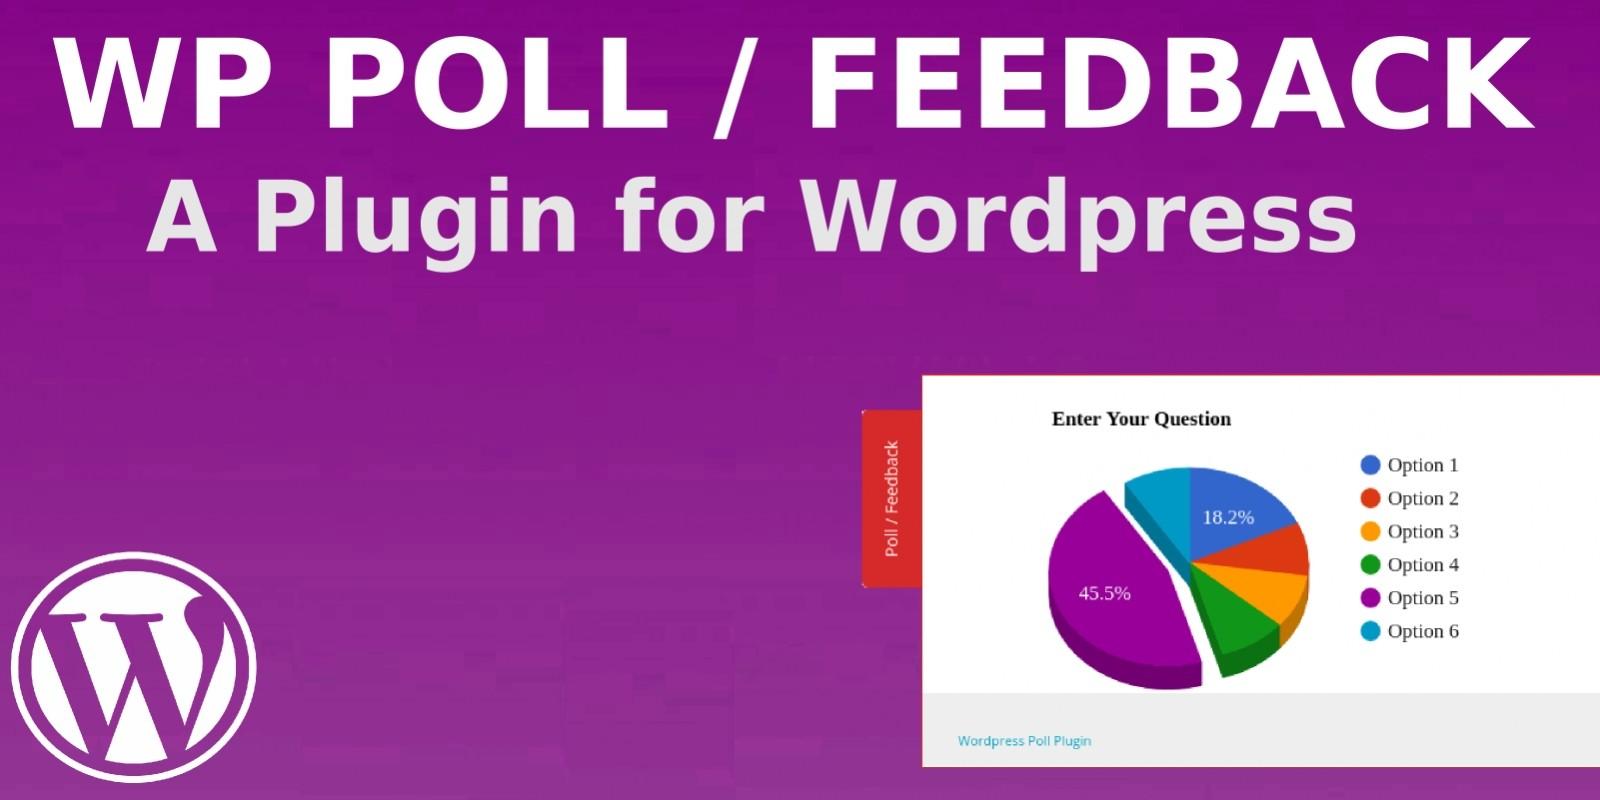 Poll or Feedback Wordpress Plugin